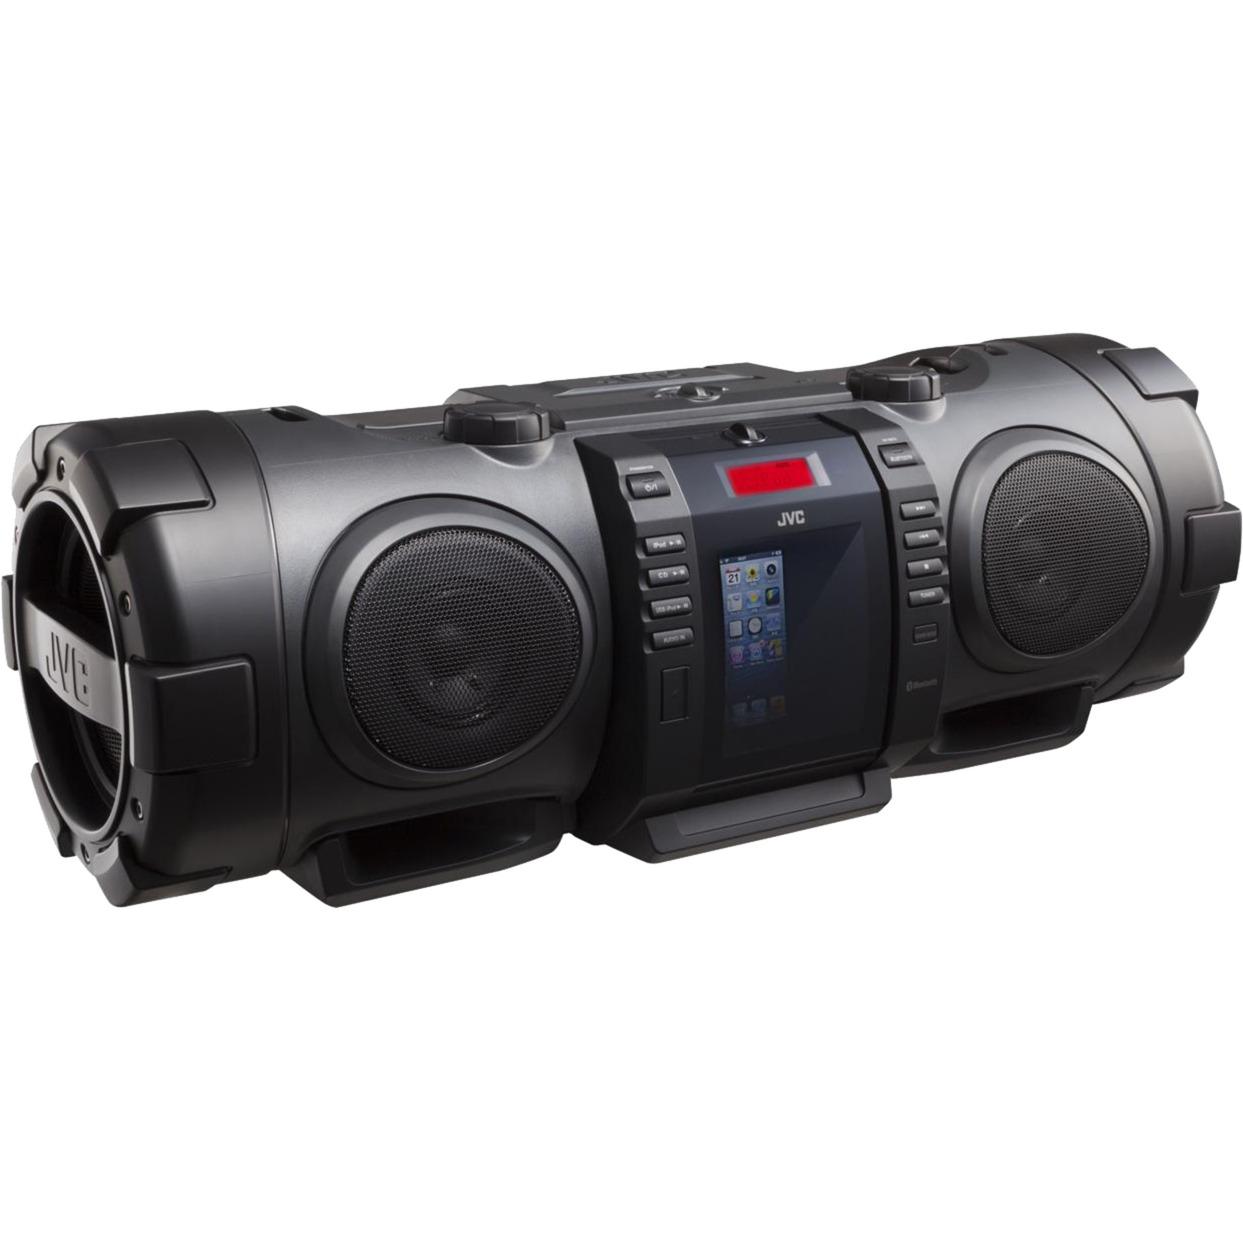 RV-NB100E 40W Negro sistema de audio para el hogar, Equipo compacto